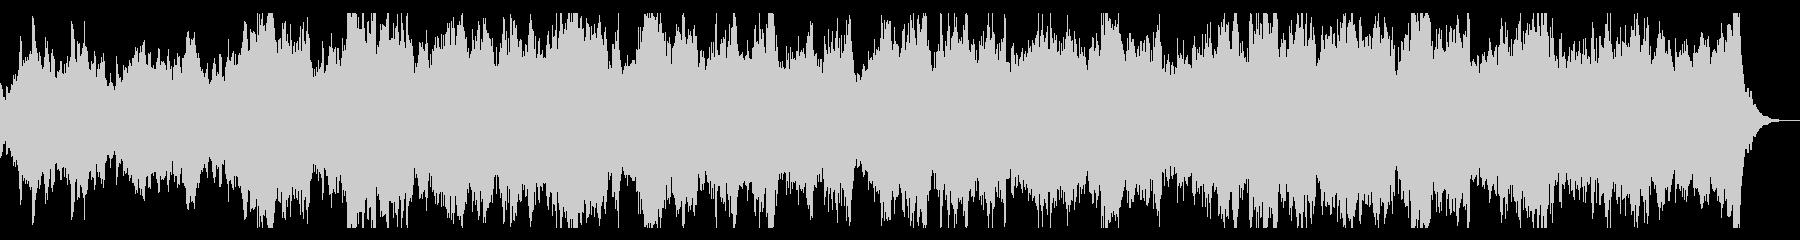 ホラー向け ダークなオーケストラBGMの未再生の波形